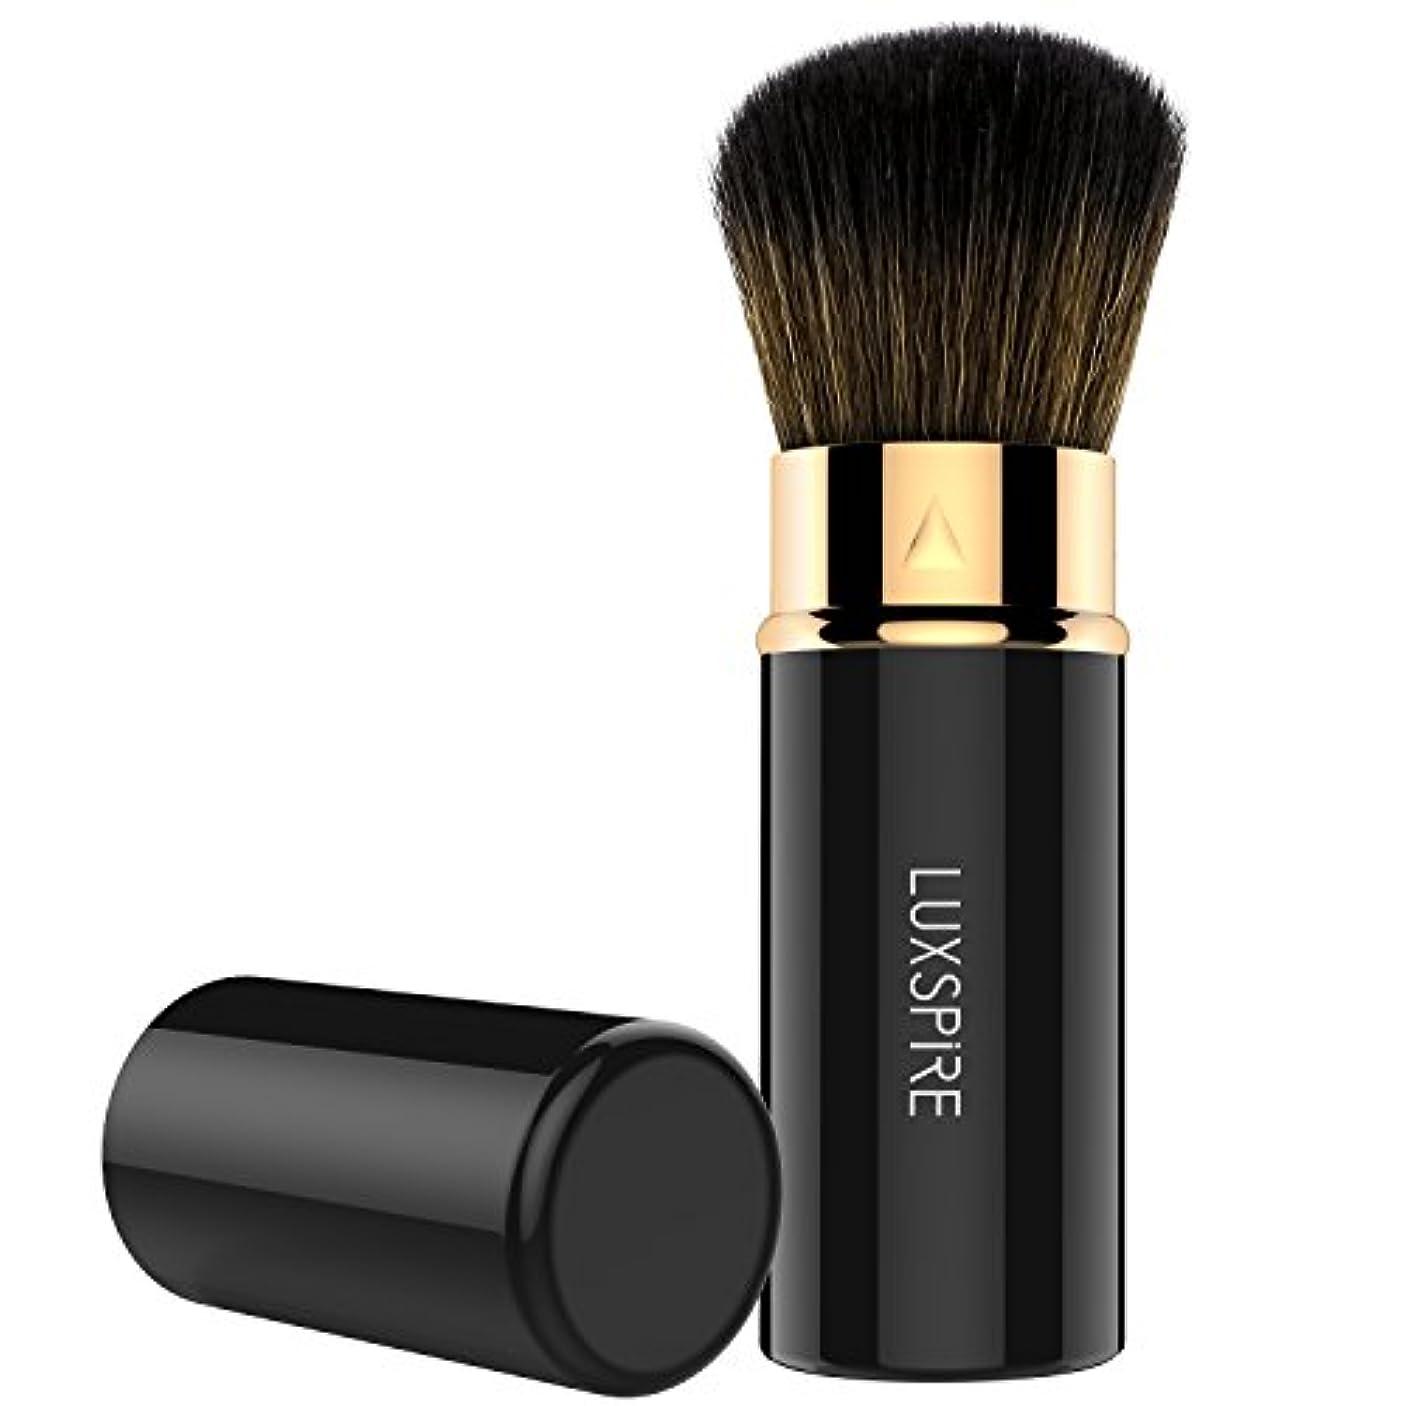 イベントなめらかなやめるファンデーションブラシ - Luxspire メイクブラシ 伸縮可能 防塵でき 化粧筆 コスメブラシ 繊細な人工毛 毛質やわらかい 肌に優しい